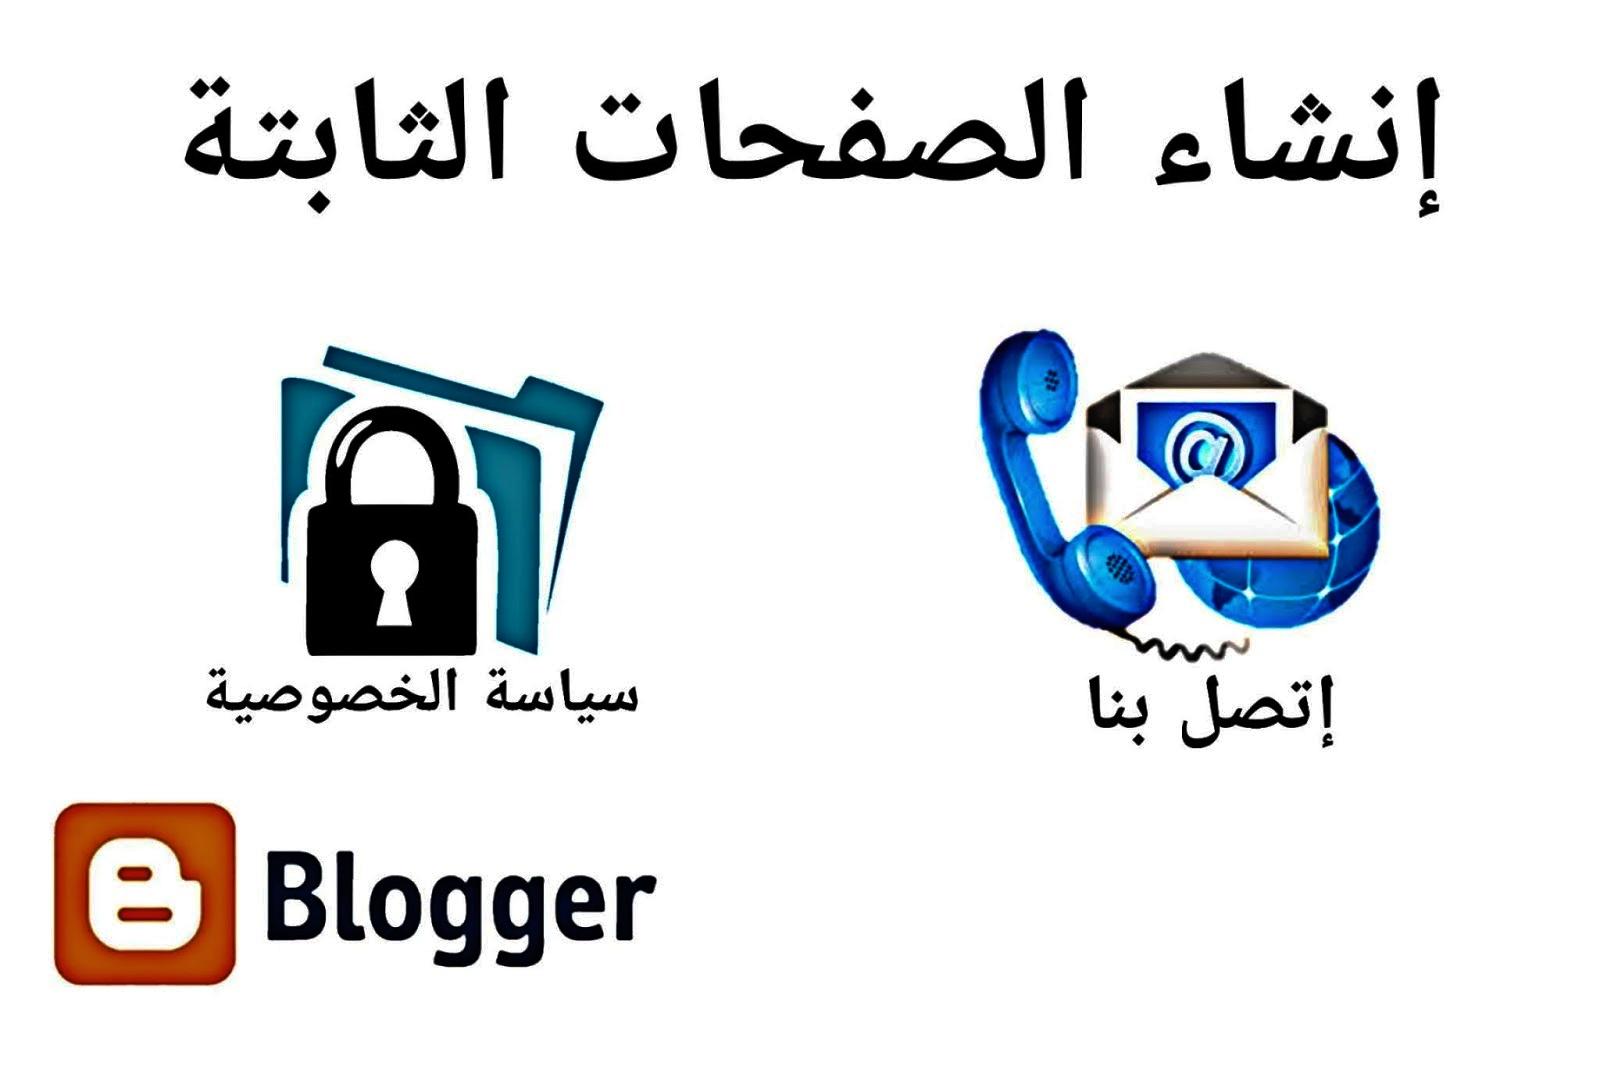 الدرس التاسع: طريقة إنشاء صفحة سياسة الخصوصية وصفحة الإتصال الخاصة بمدونة Blogger